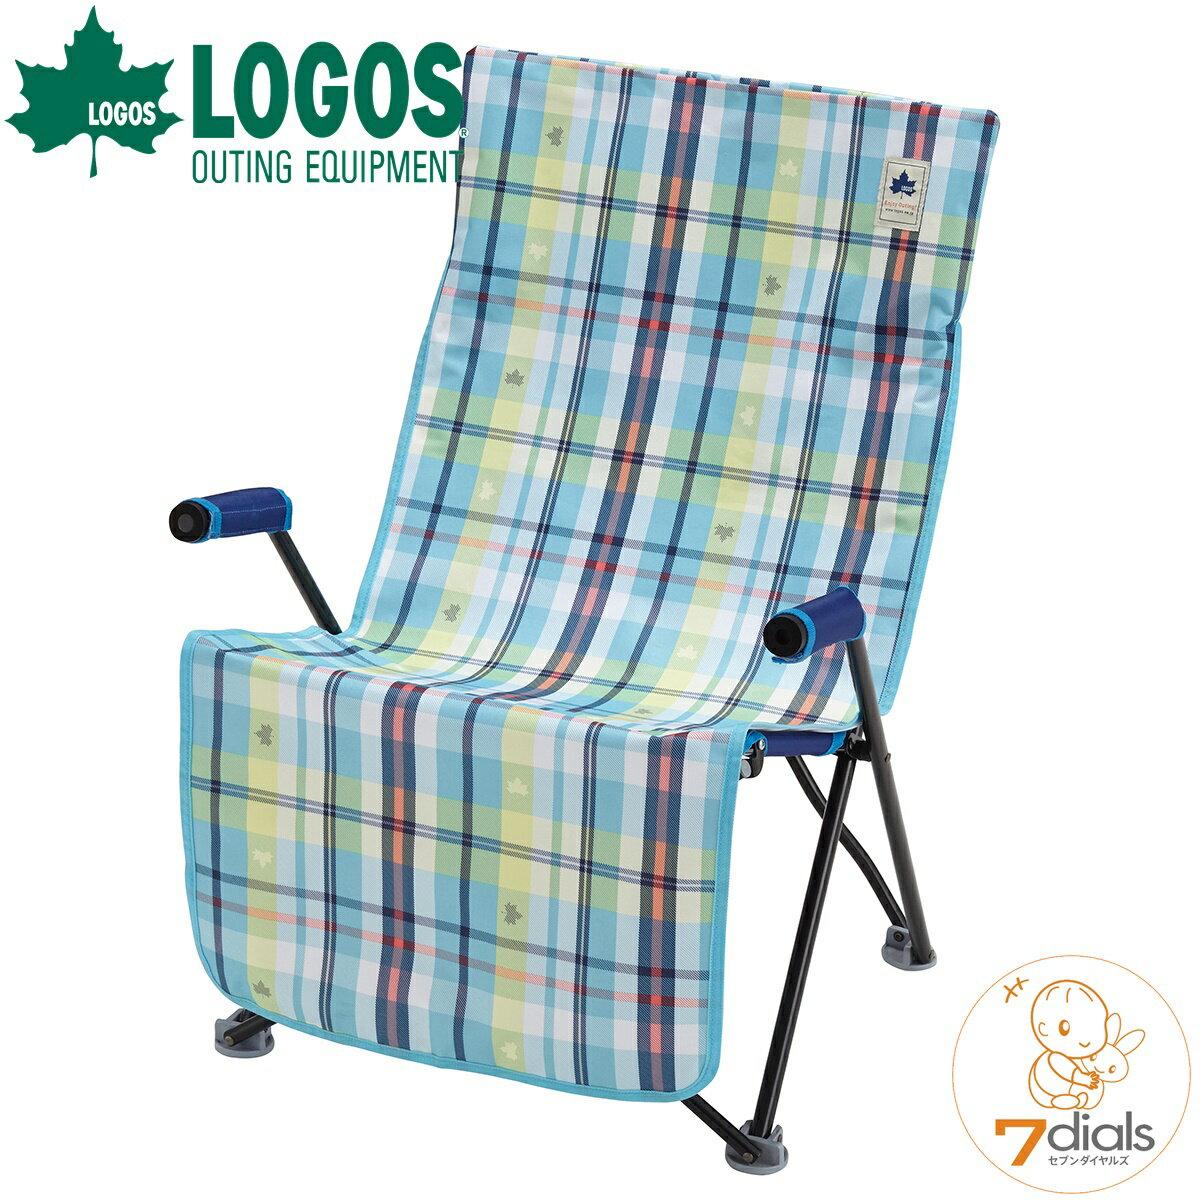 LOGOS/ロゴス チェッカー 洗濯できるOX防水チェアカバー ブルーチェック アウトドアチェアや車のシートにもかぶせて使用可能